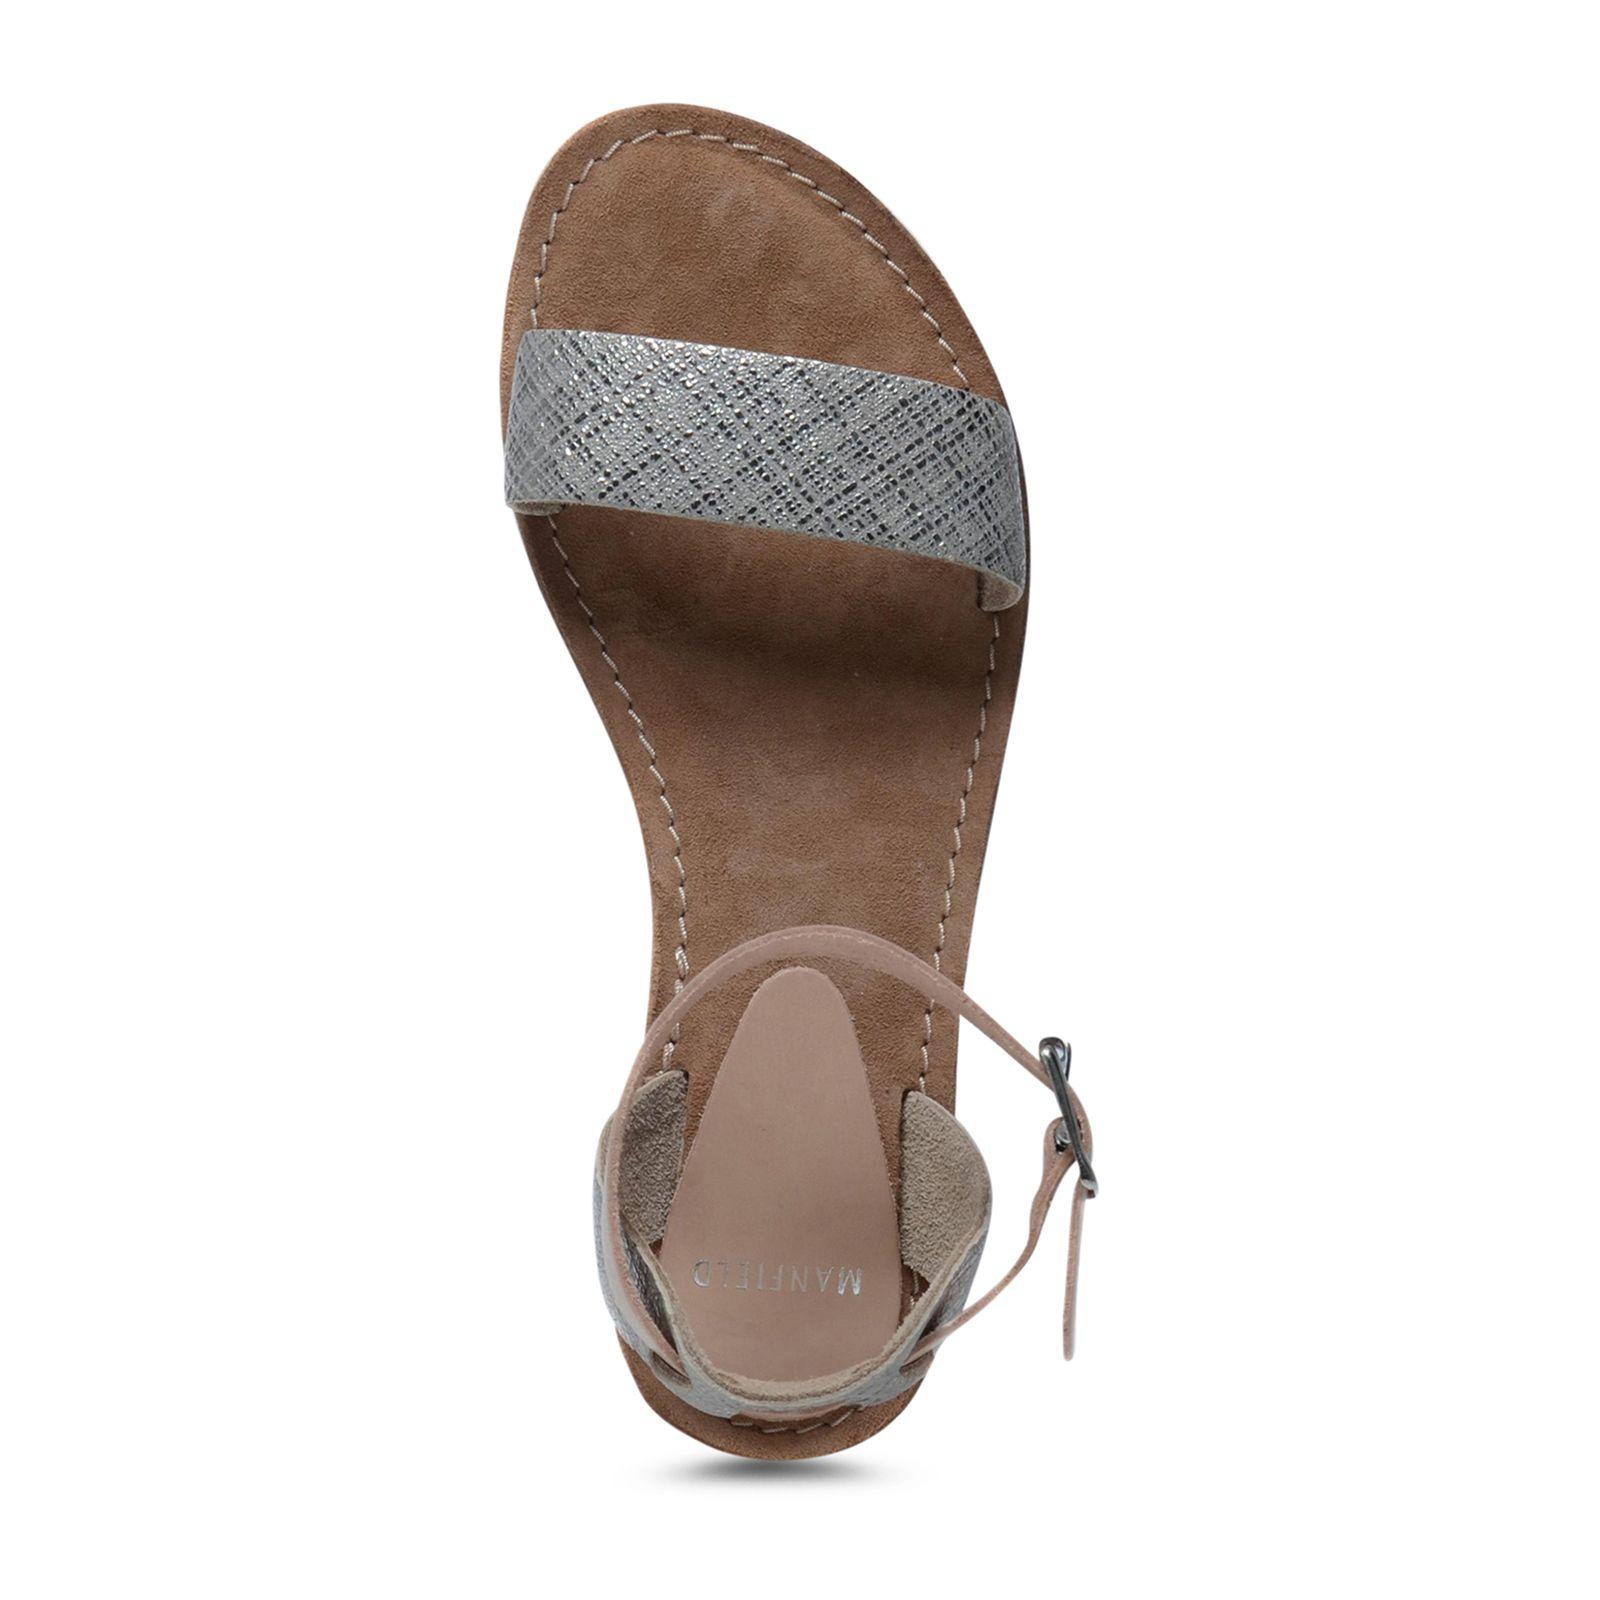 silberne sandalen mit wei er sohle. Black Bedroom Furniture Sets. Home Design Ideas